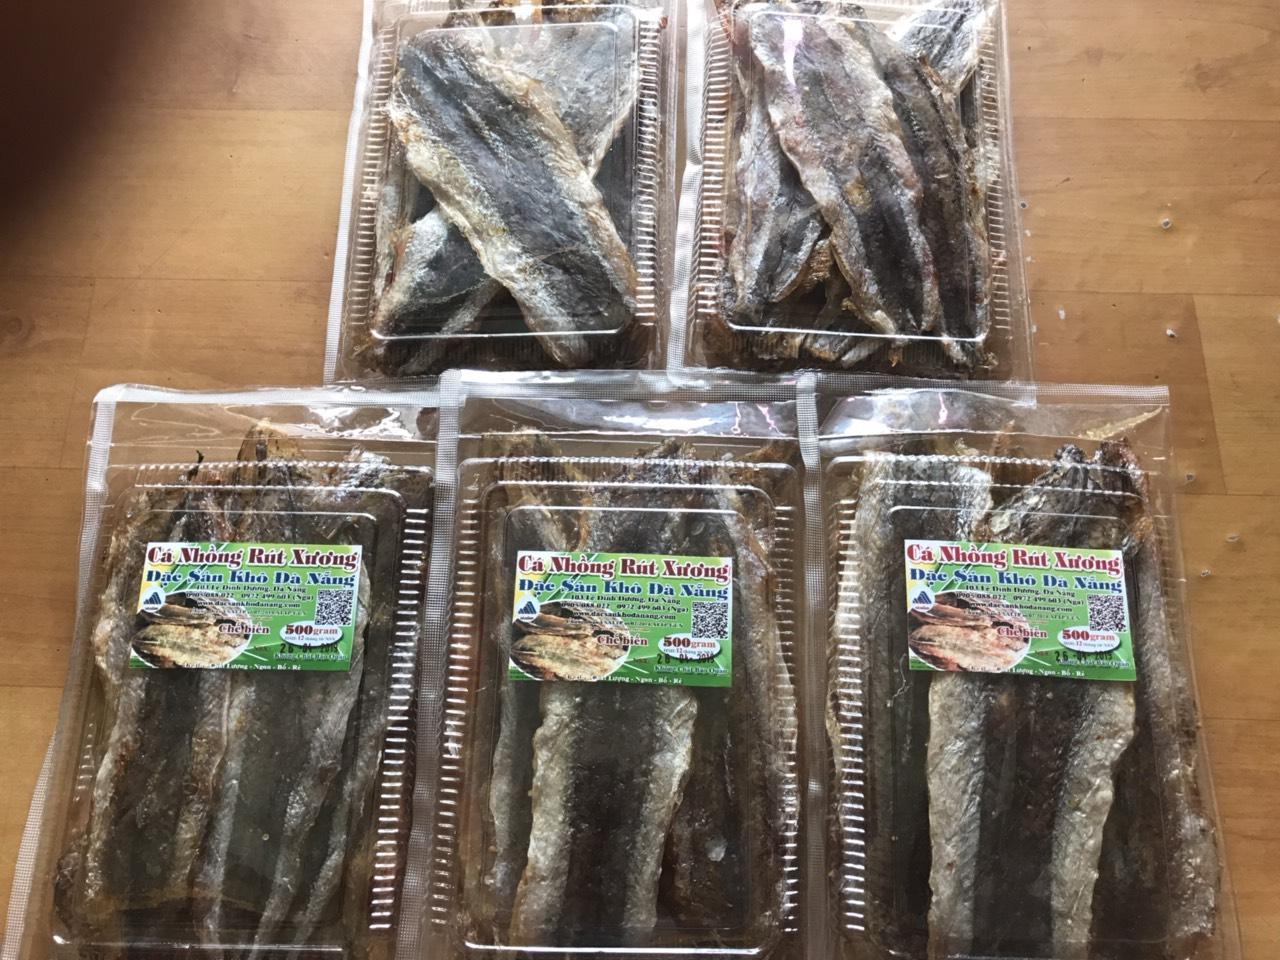 Khô cá nhồng rút xương 300gram